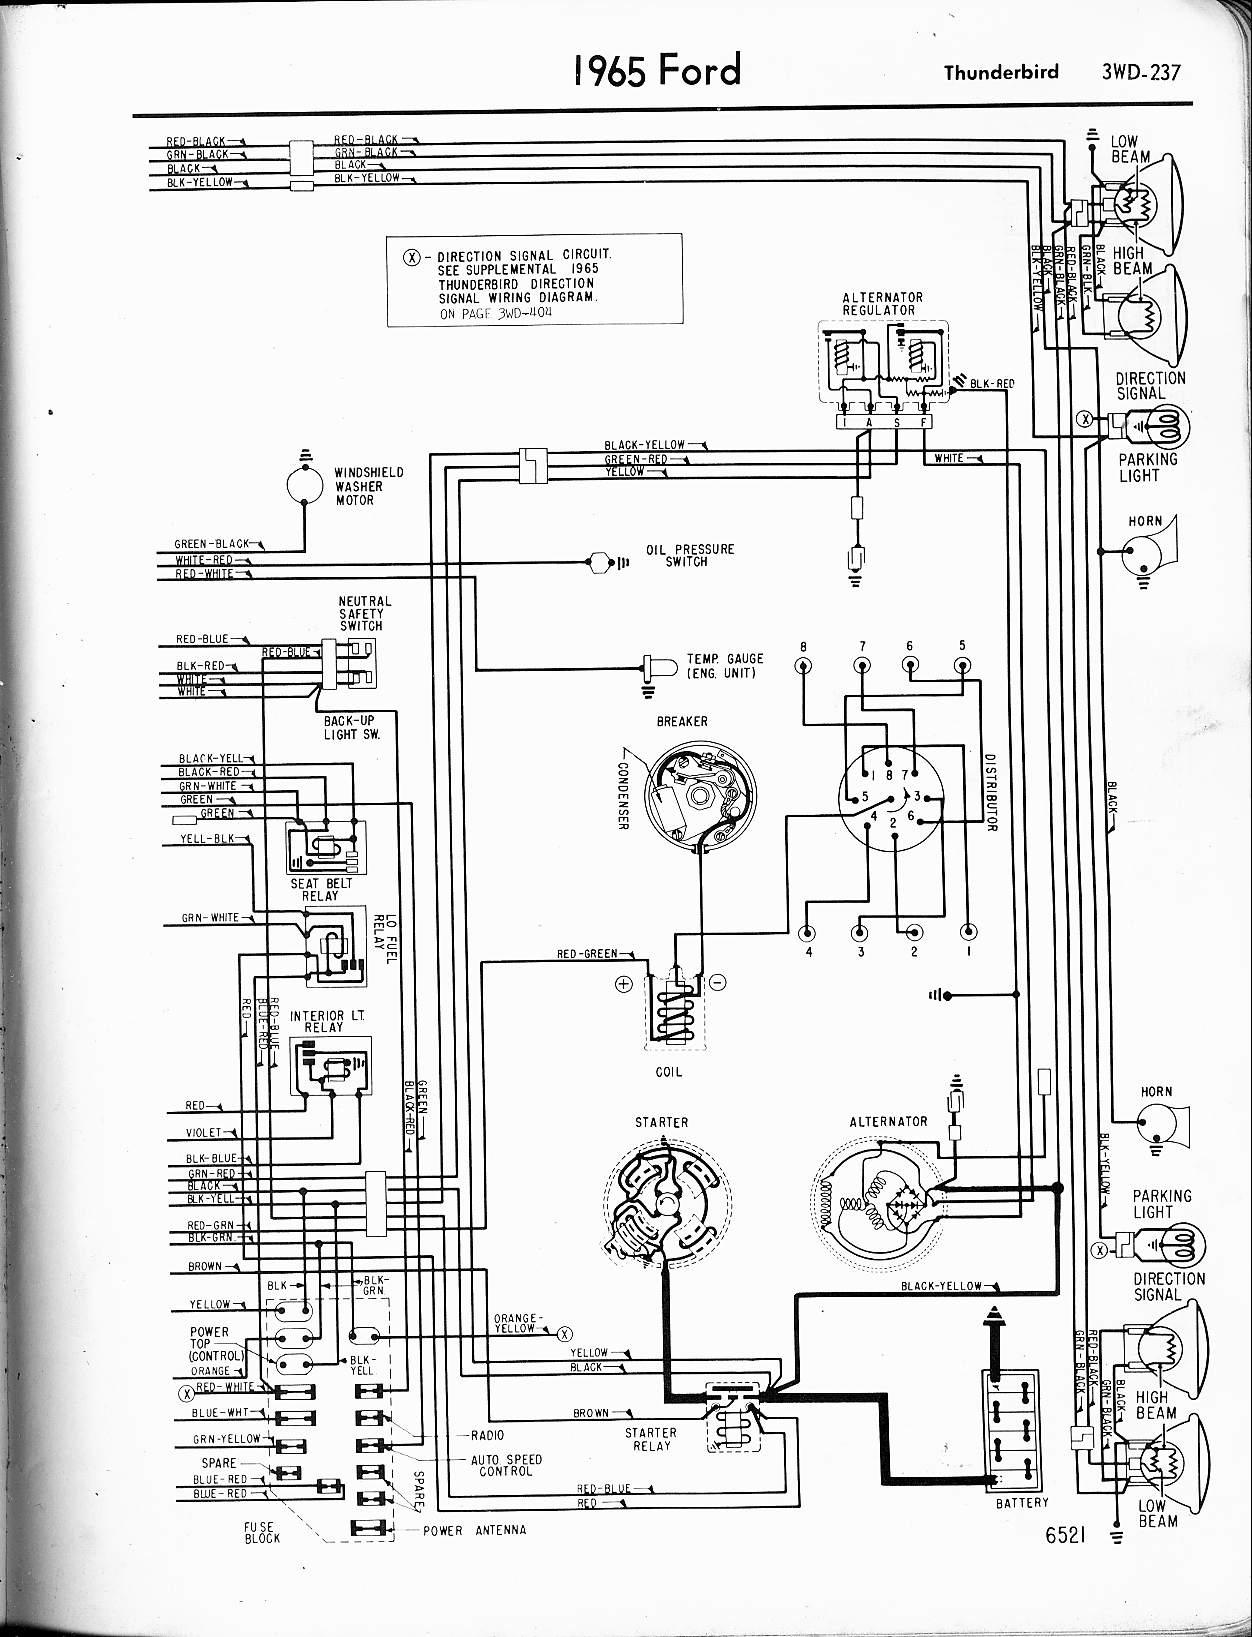 hight resolution of 1965 ford thunderbird alternator wiring diagram